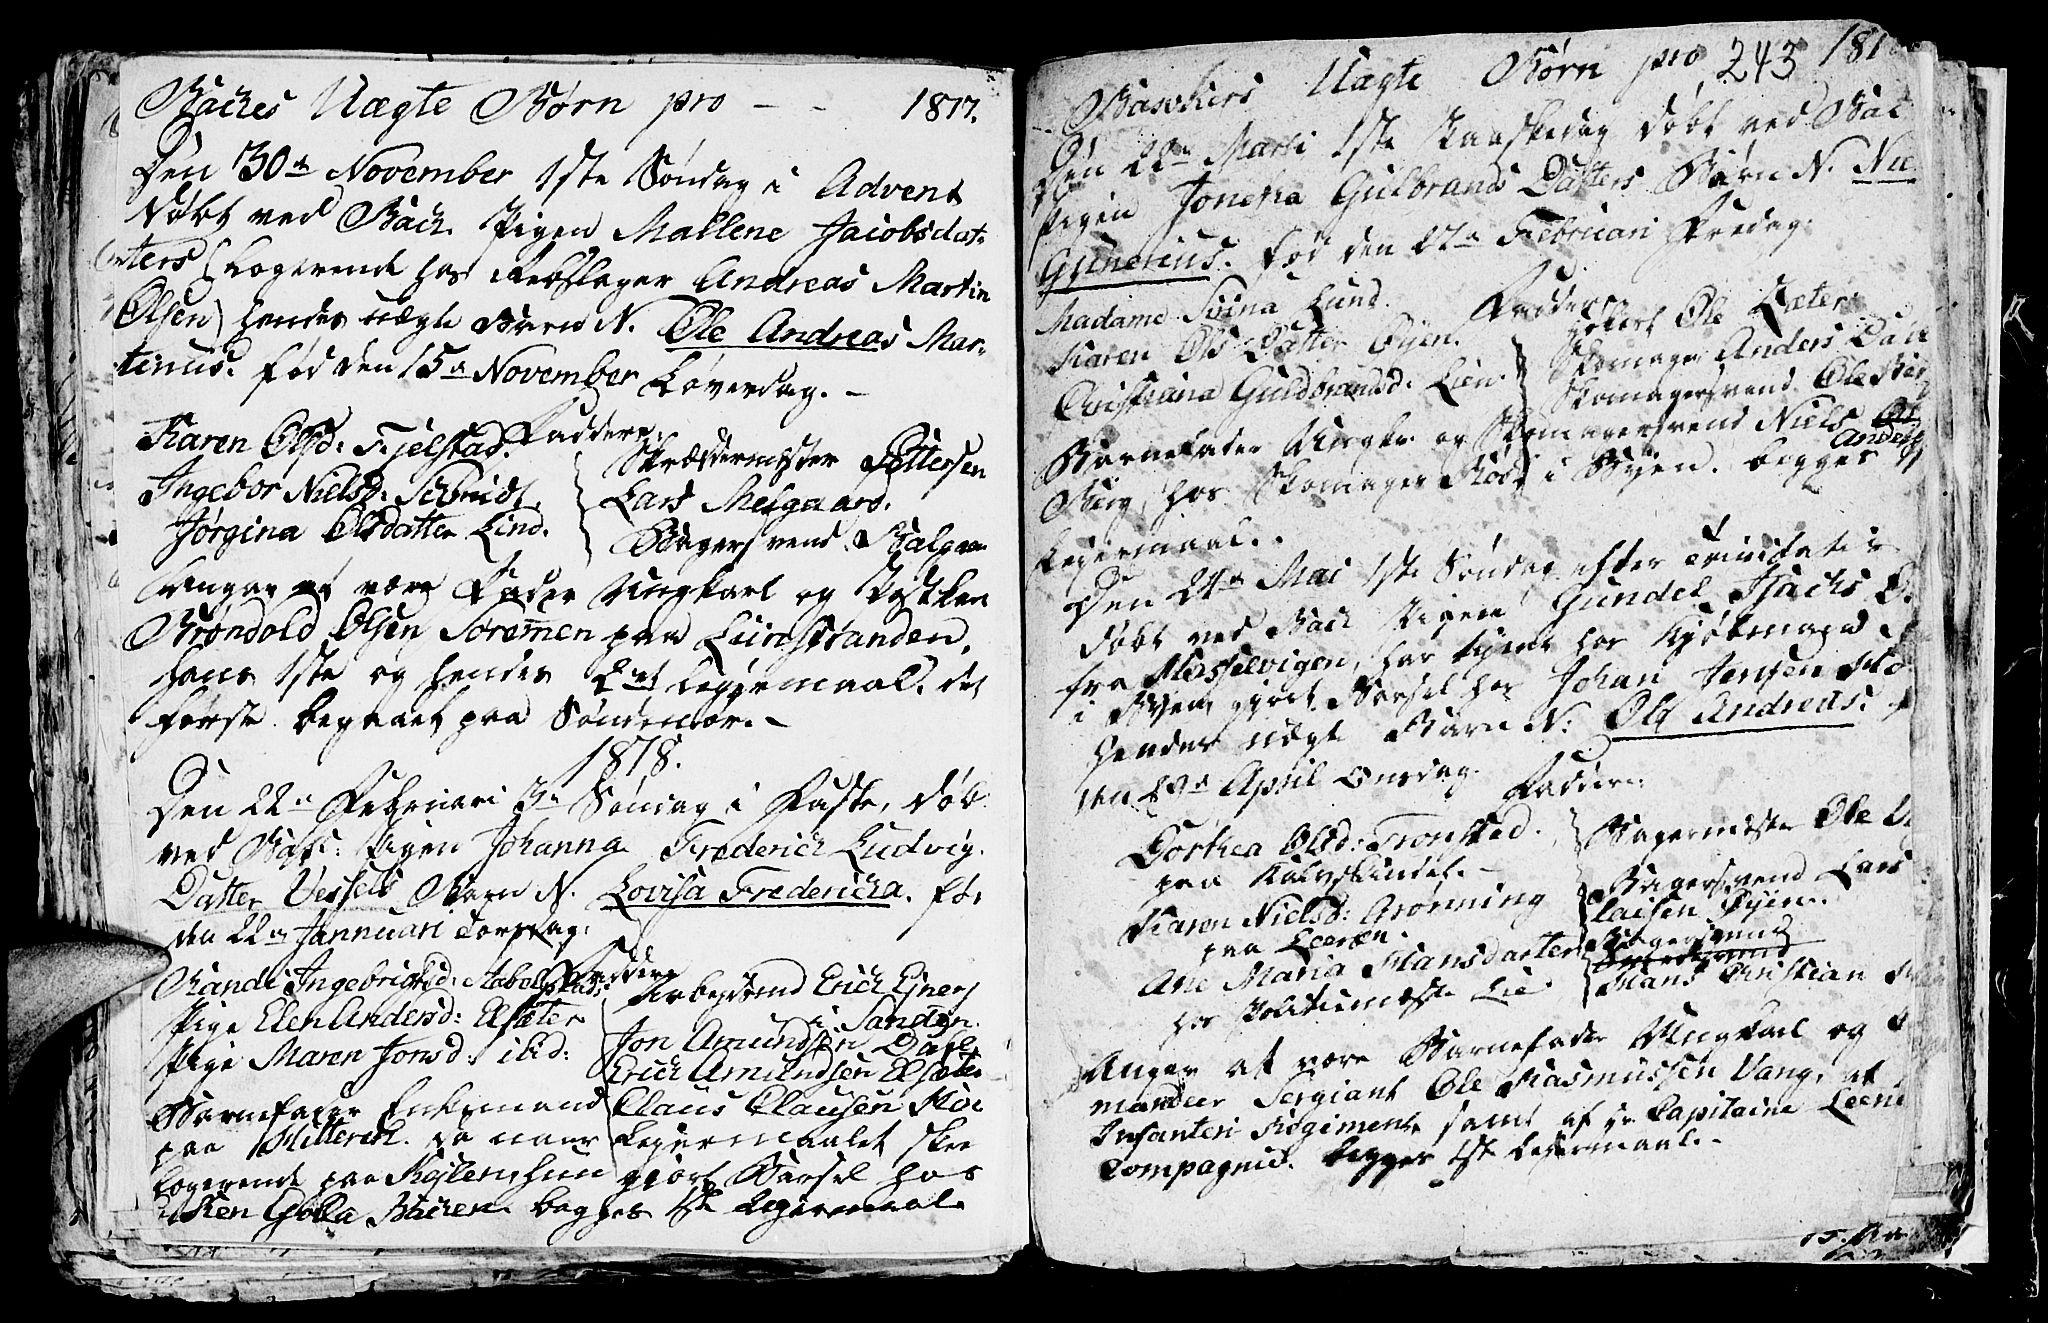 SAT, Ministerialprotokoller, klokkerbøker og fødselsregistre - Sør-Trøndelag, 604/L0218: Klokkerbok nr. 604C01, 1754-1819, s. 243